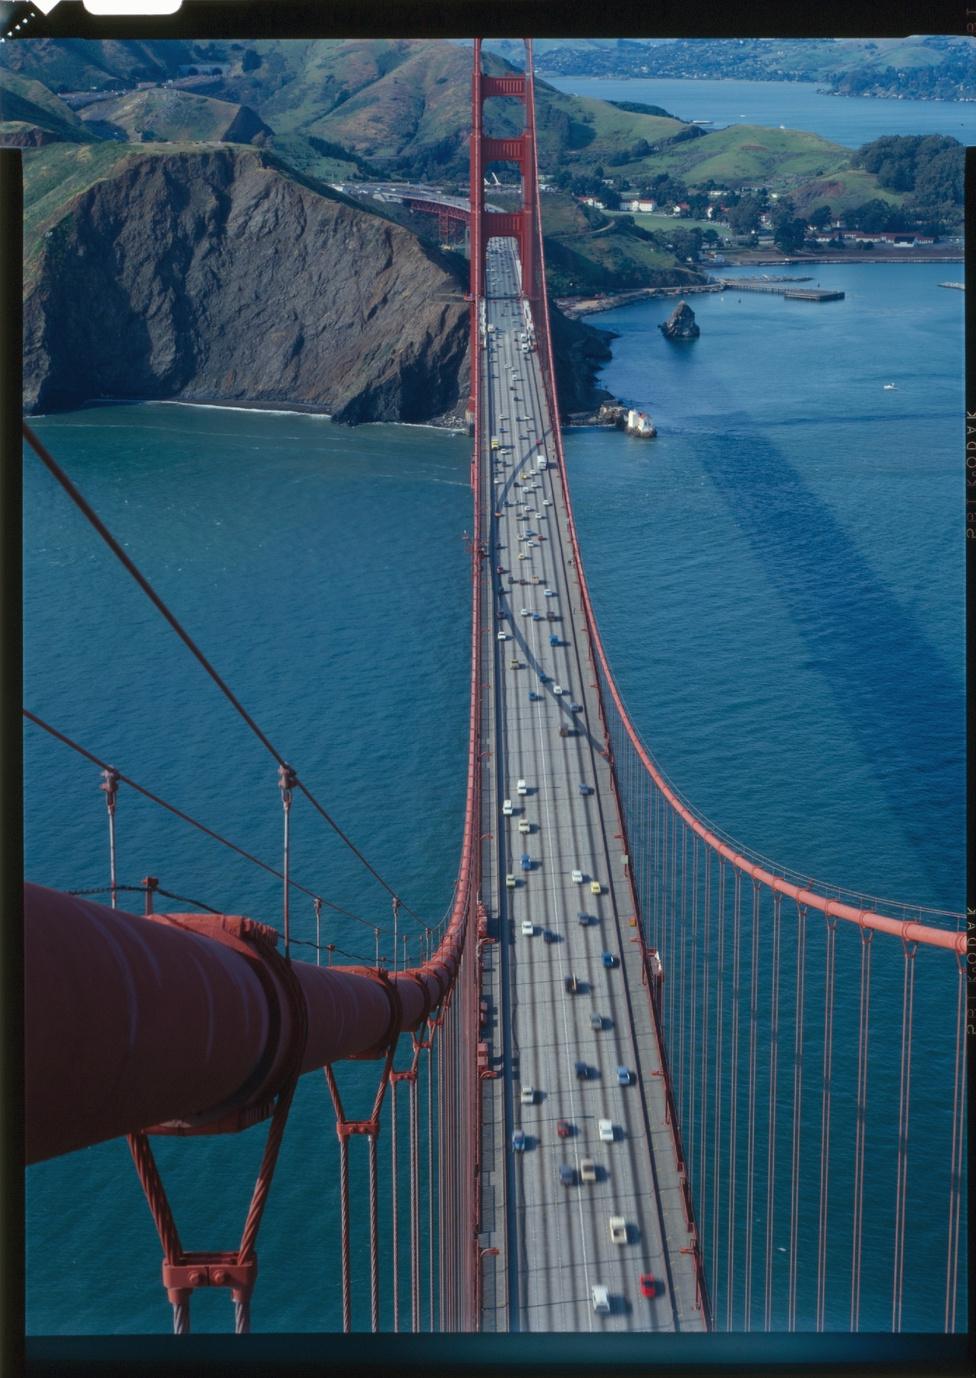 A 27 méter széles hídon a forgalom összesen hat sávban halad.                         Hétköznap reggelenként, amikor a forgalom jellemzően a városba befelé                         áramlik, négy sáv a déli, kettő az északi irányú forgalomé, délután                         pedig éppen fordítva. Hétvégén általában kétszer három sávosra                         állítják be a forgalmat. Az egymilliárdodik áthaladó járművet 1985-ben regisztrálták, ma már                         nagyon közel lehetünk a kétmilliárdhoz. Az utolsó hivatalos szám a                         2011. áprilisi állást rögzítette, 1 929 896 448-nál, évi 39 millió                         átkelővel számolva a második milliárd valamikor 2013 kora tavaszán                         telik be majd.